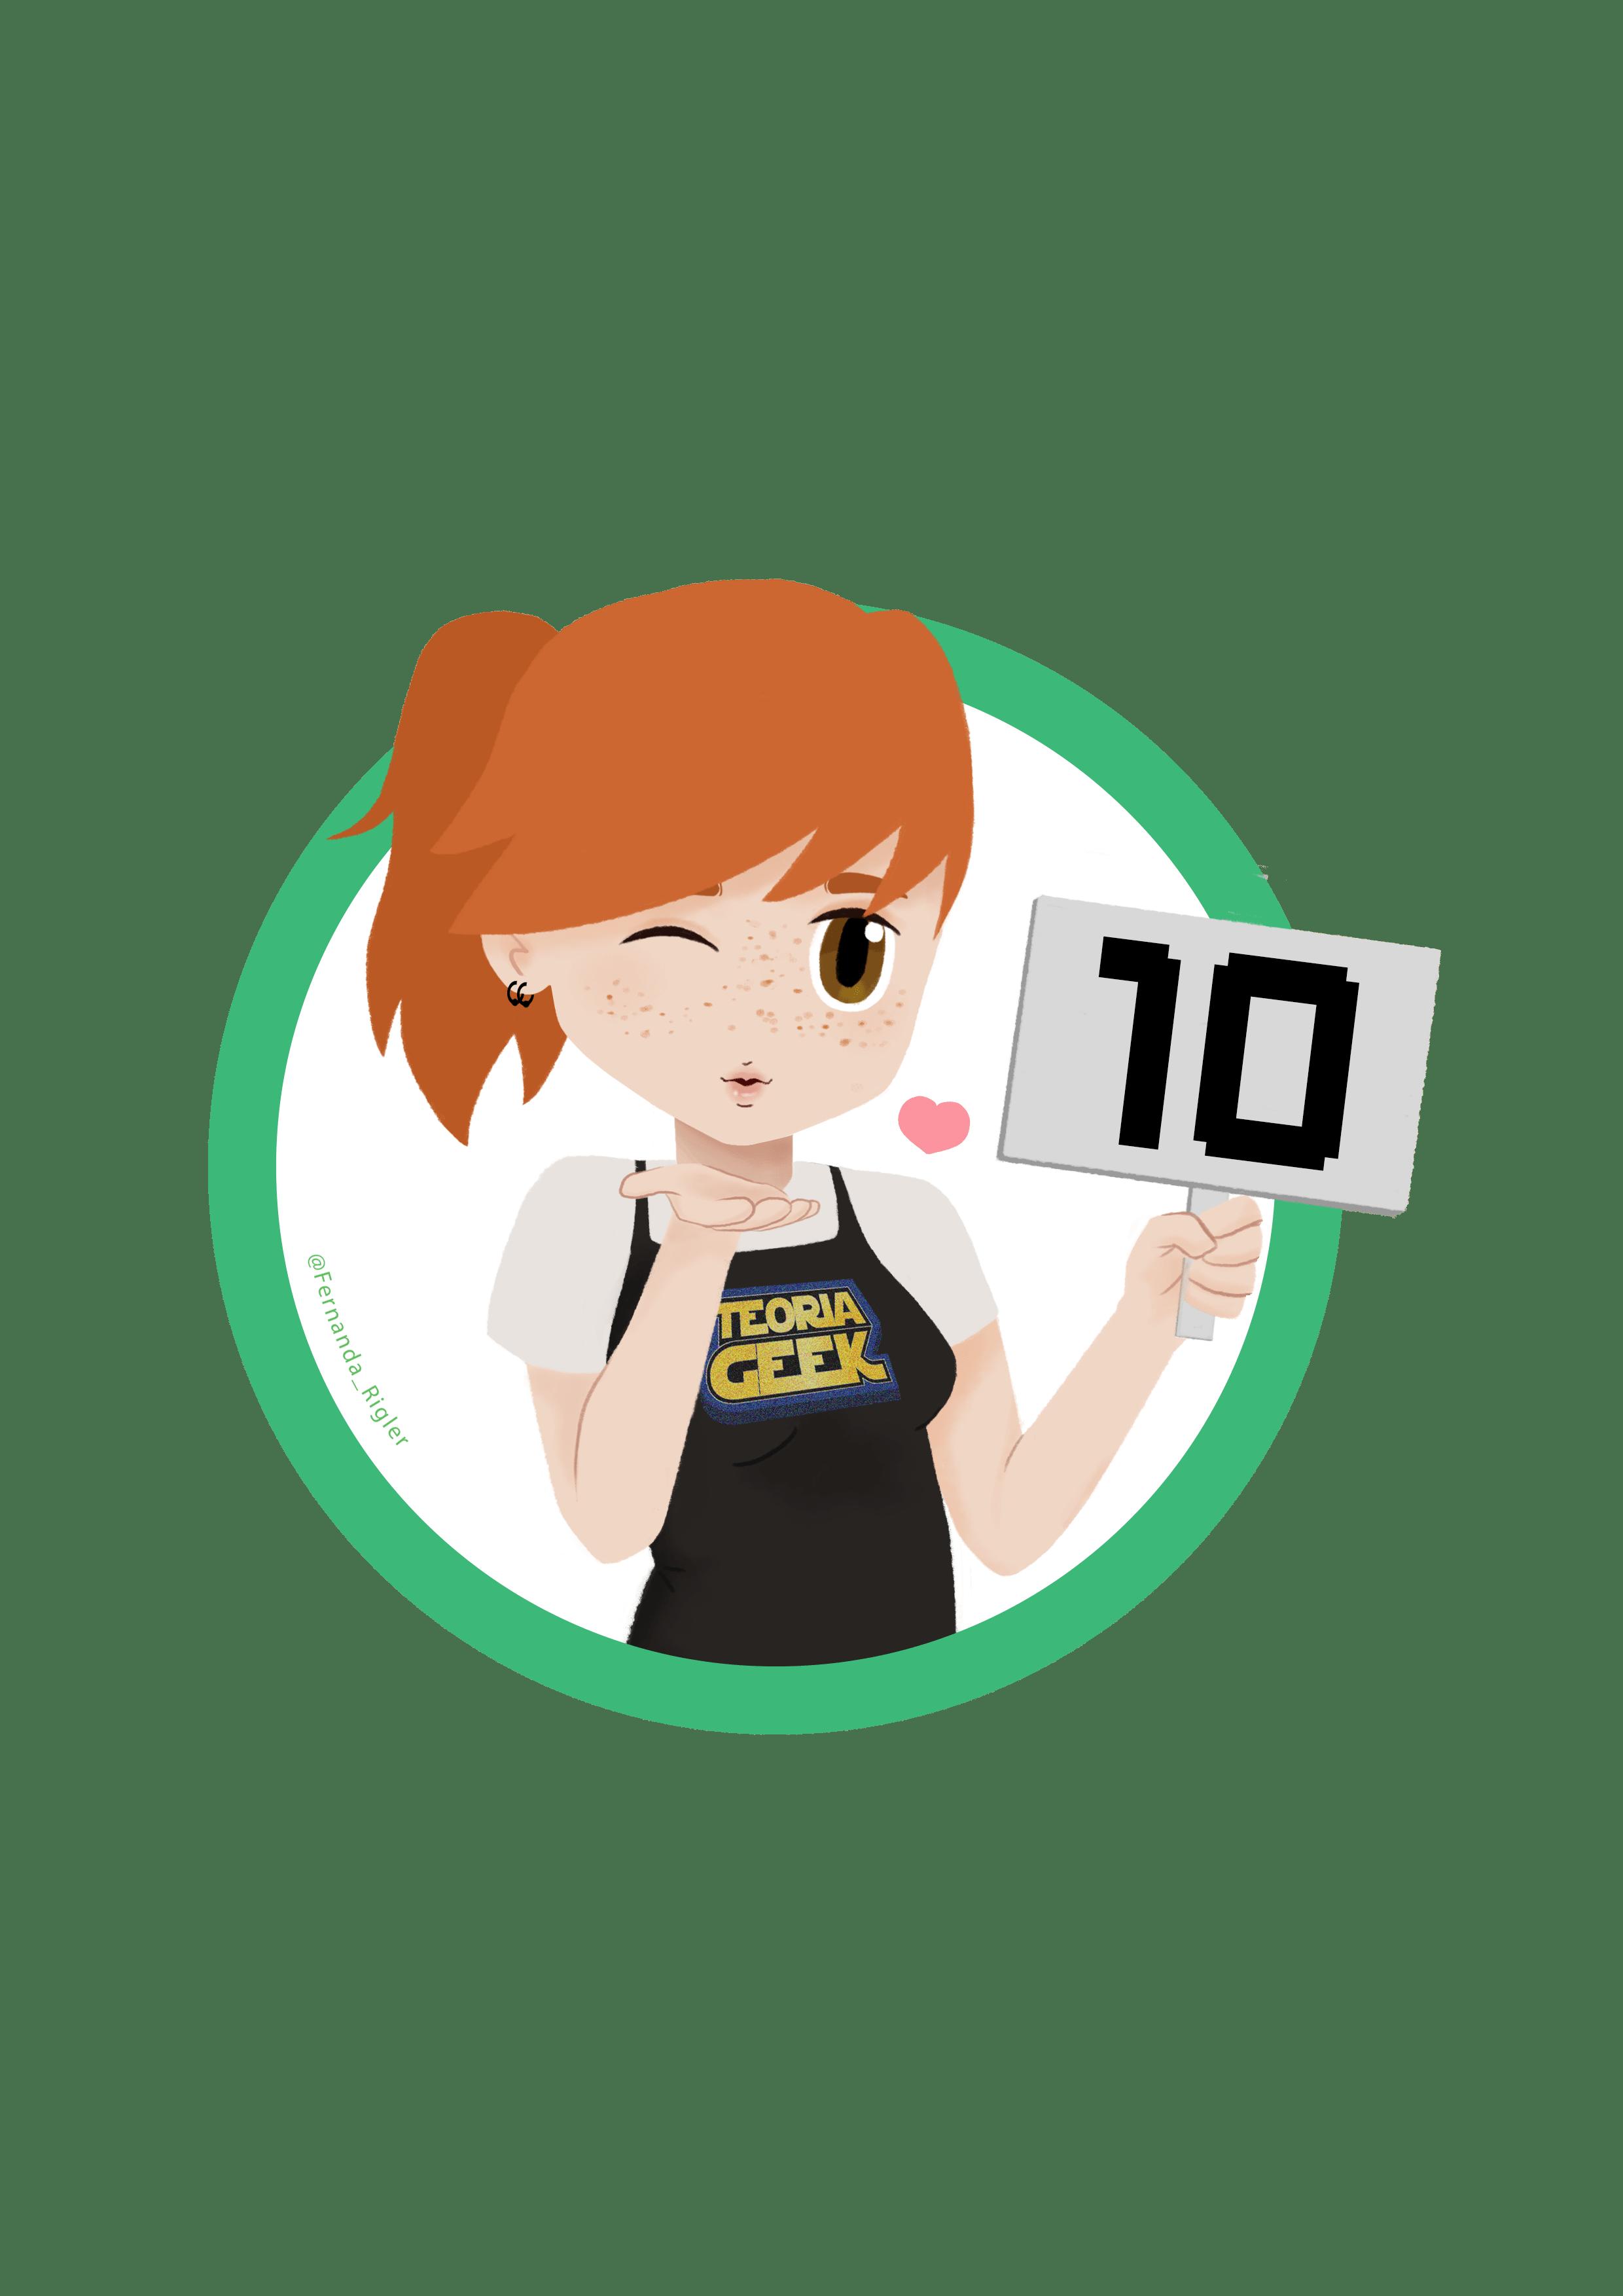 selo teoria geek girl verde 10